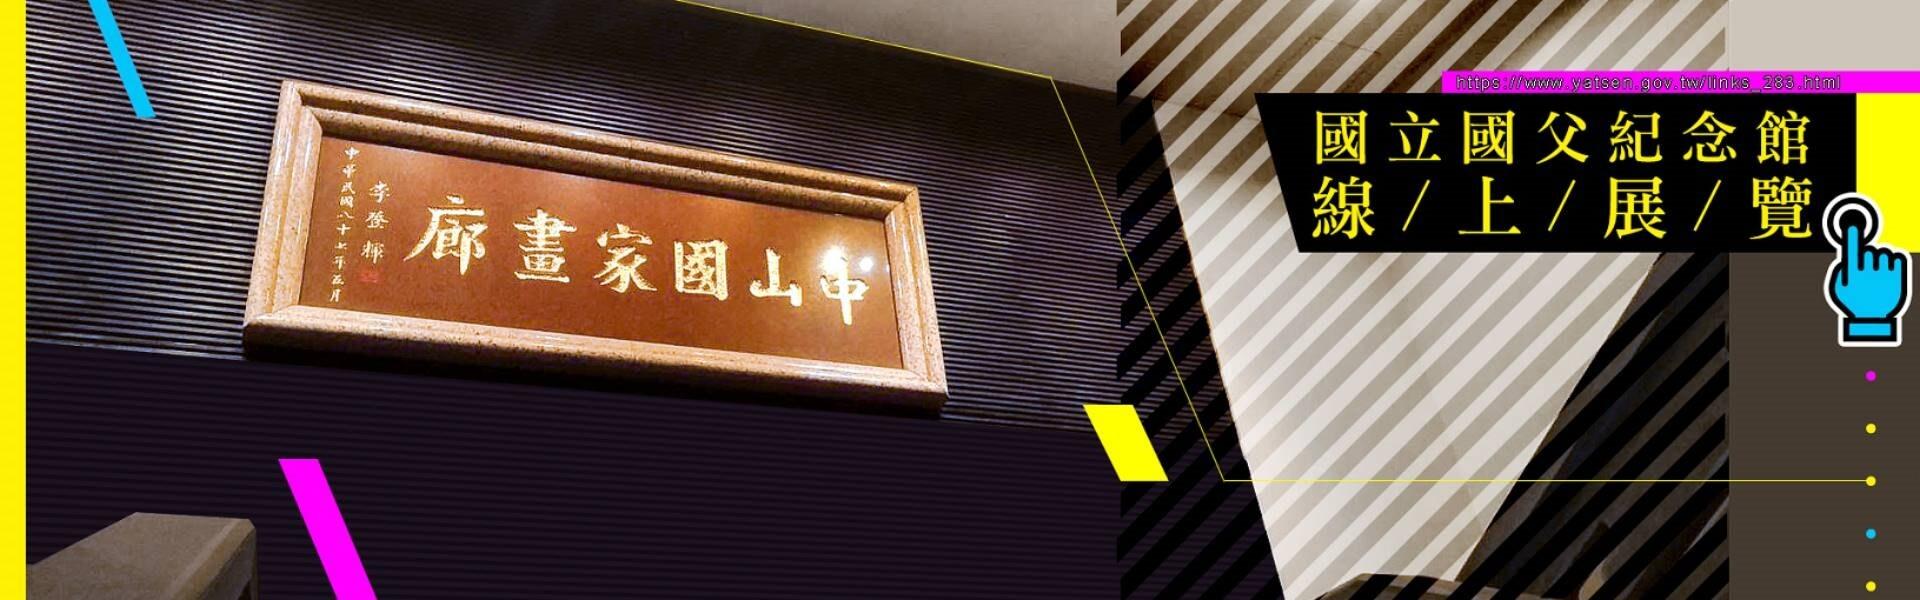 國立國父紀念館線上展覽「另開新視窗」